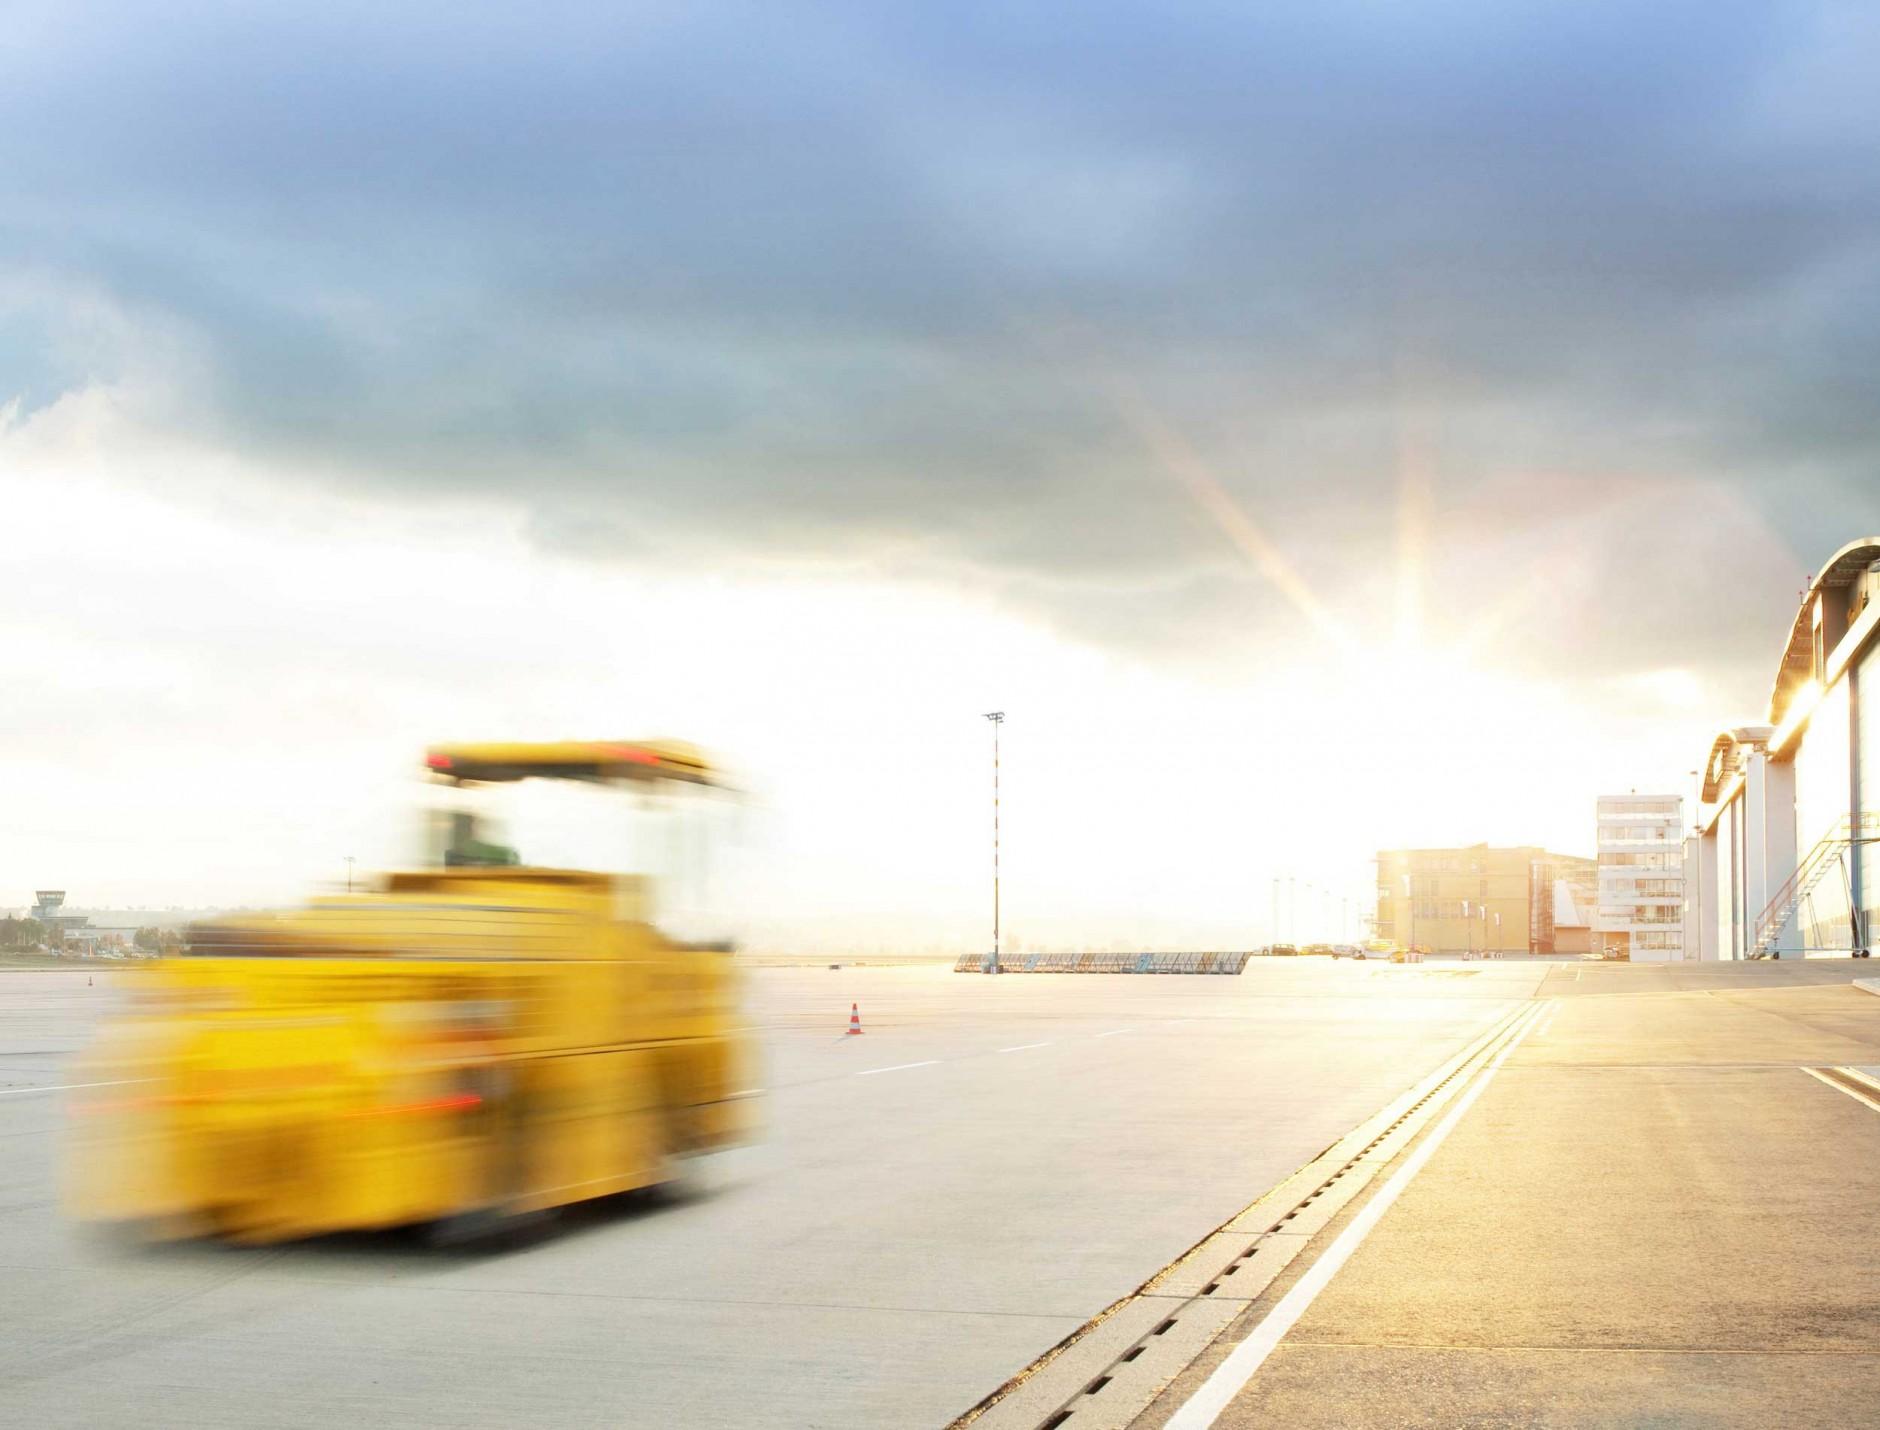 Airport von Joel Micah für Sky Tanking